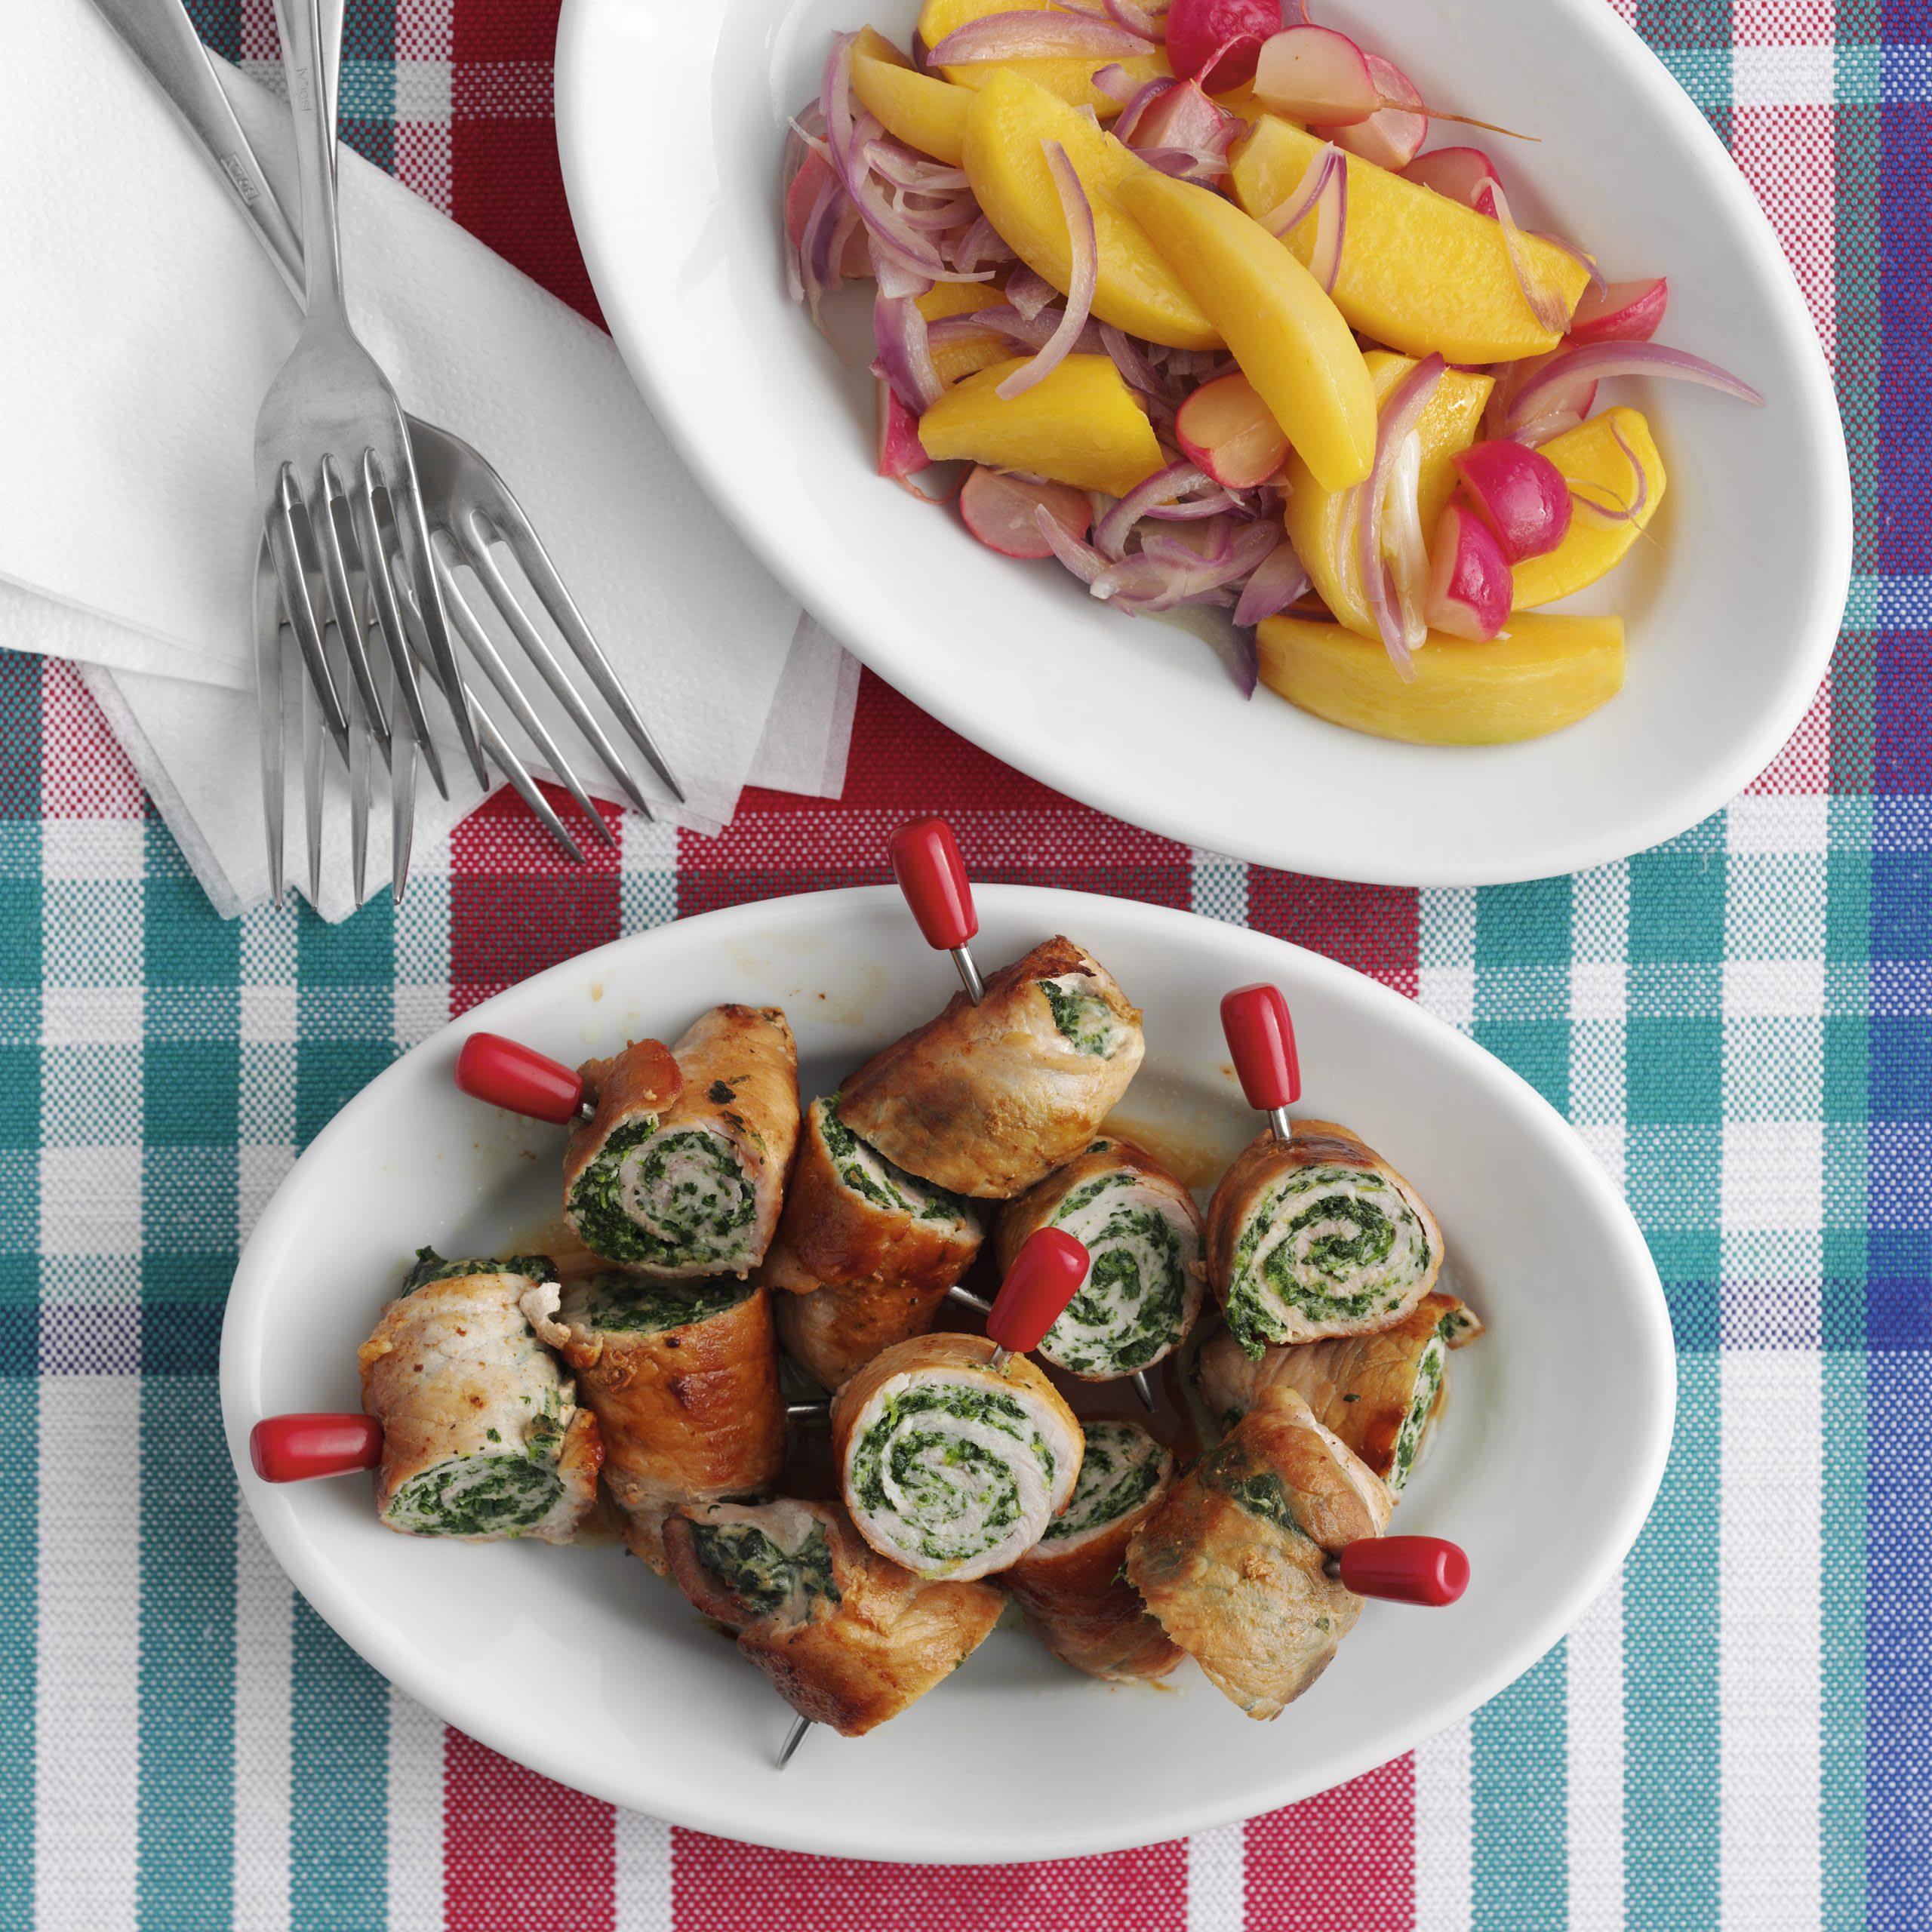 Fleisch-Spinat-Spiessli mit Bodenkohlrabi